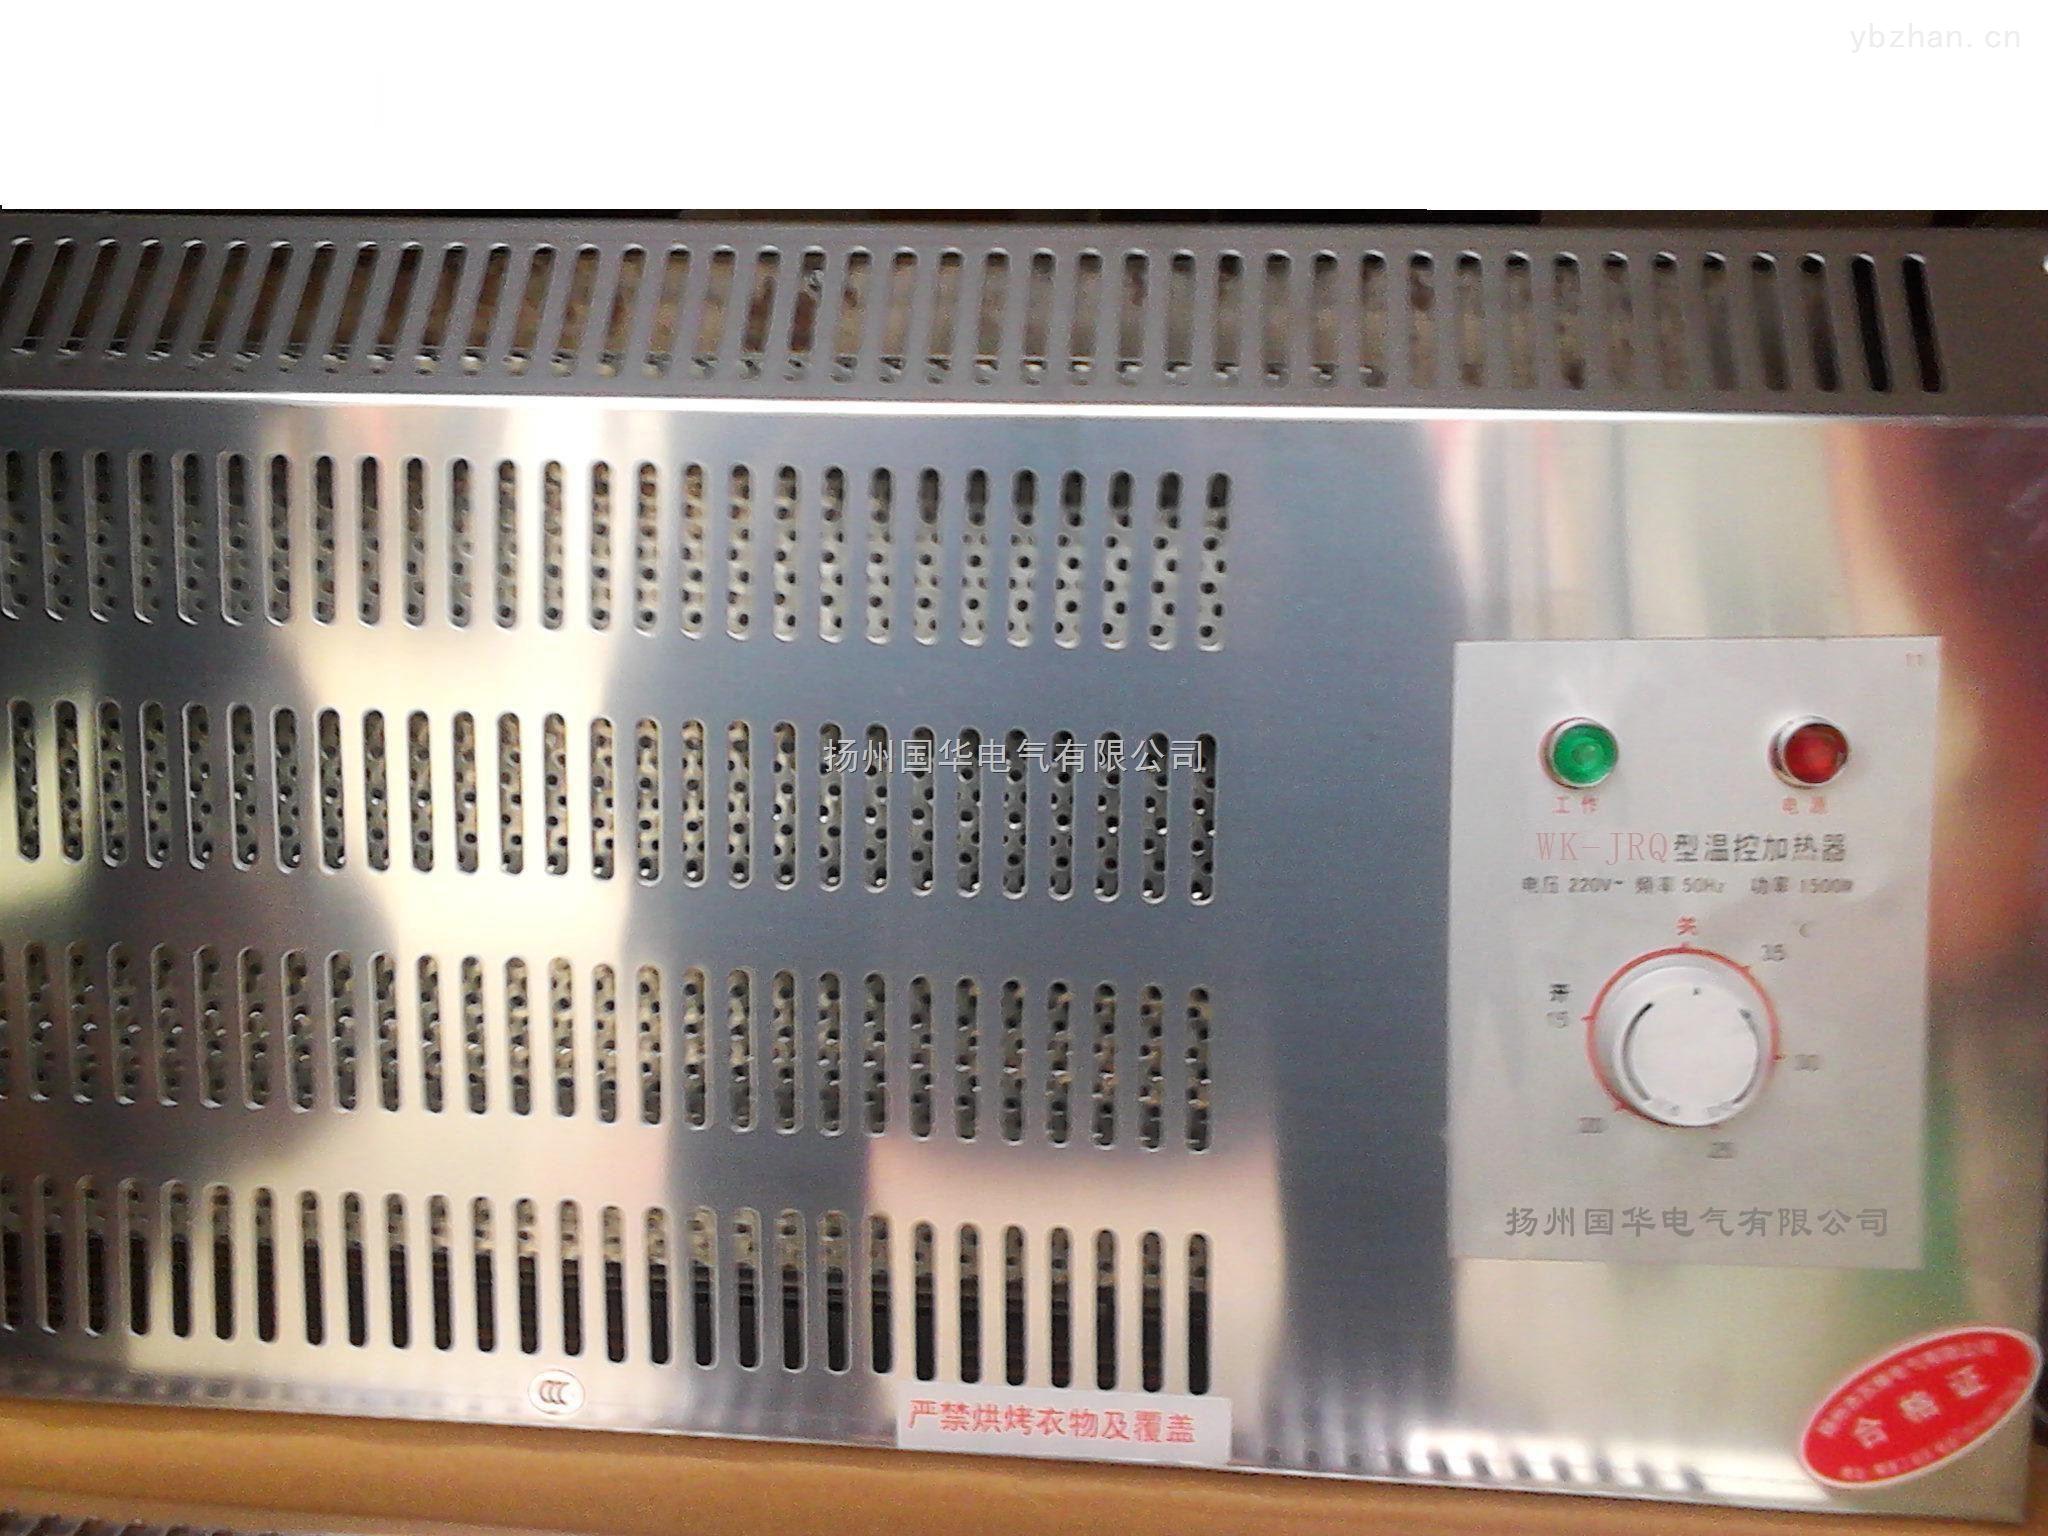 WK JRQ 全自动温控加热器